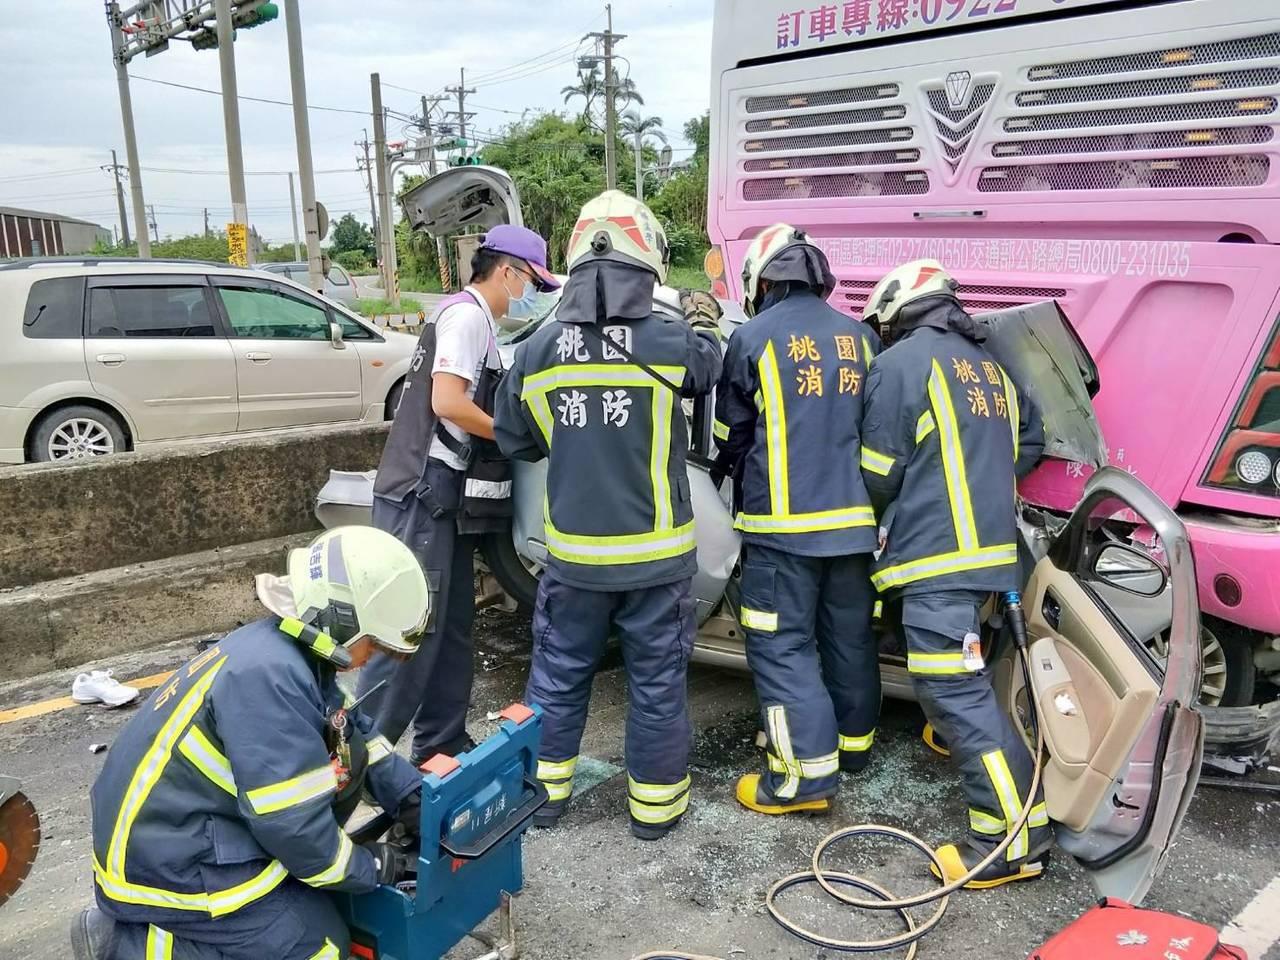 消防人員用破壞器材撐開轎車有更多空間救人。記者鄭國樑/翻攝